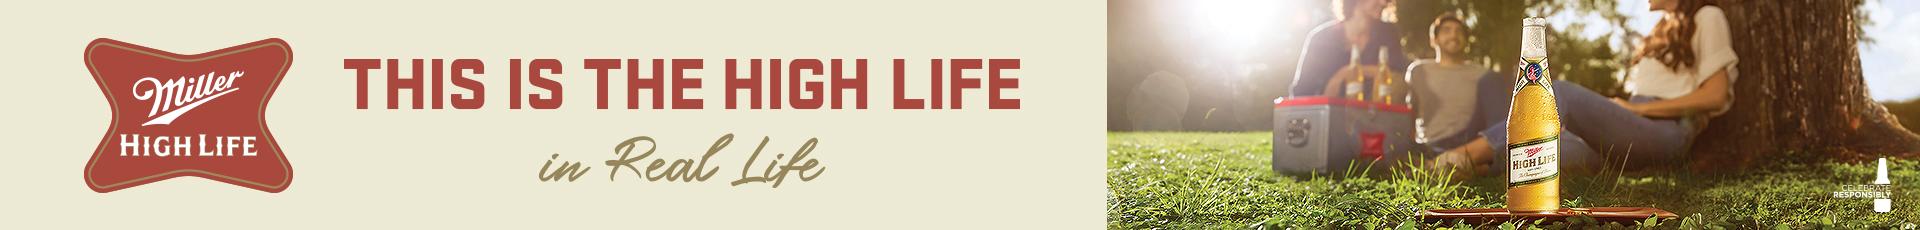 /miller_high_life